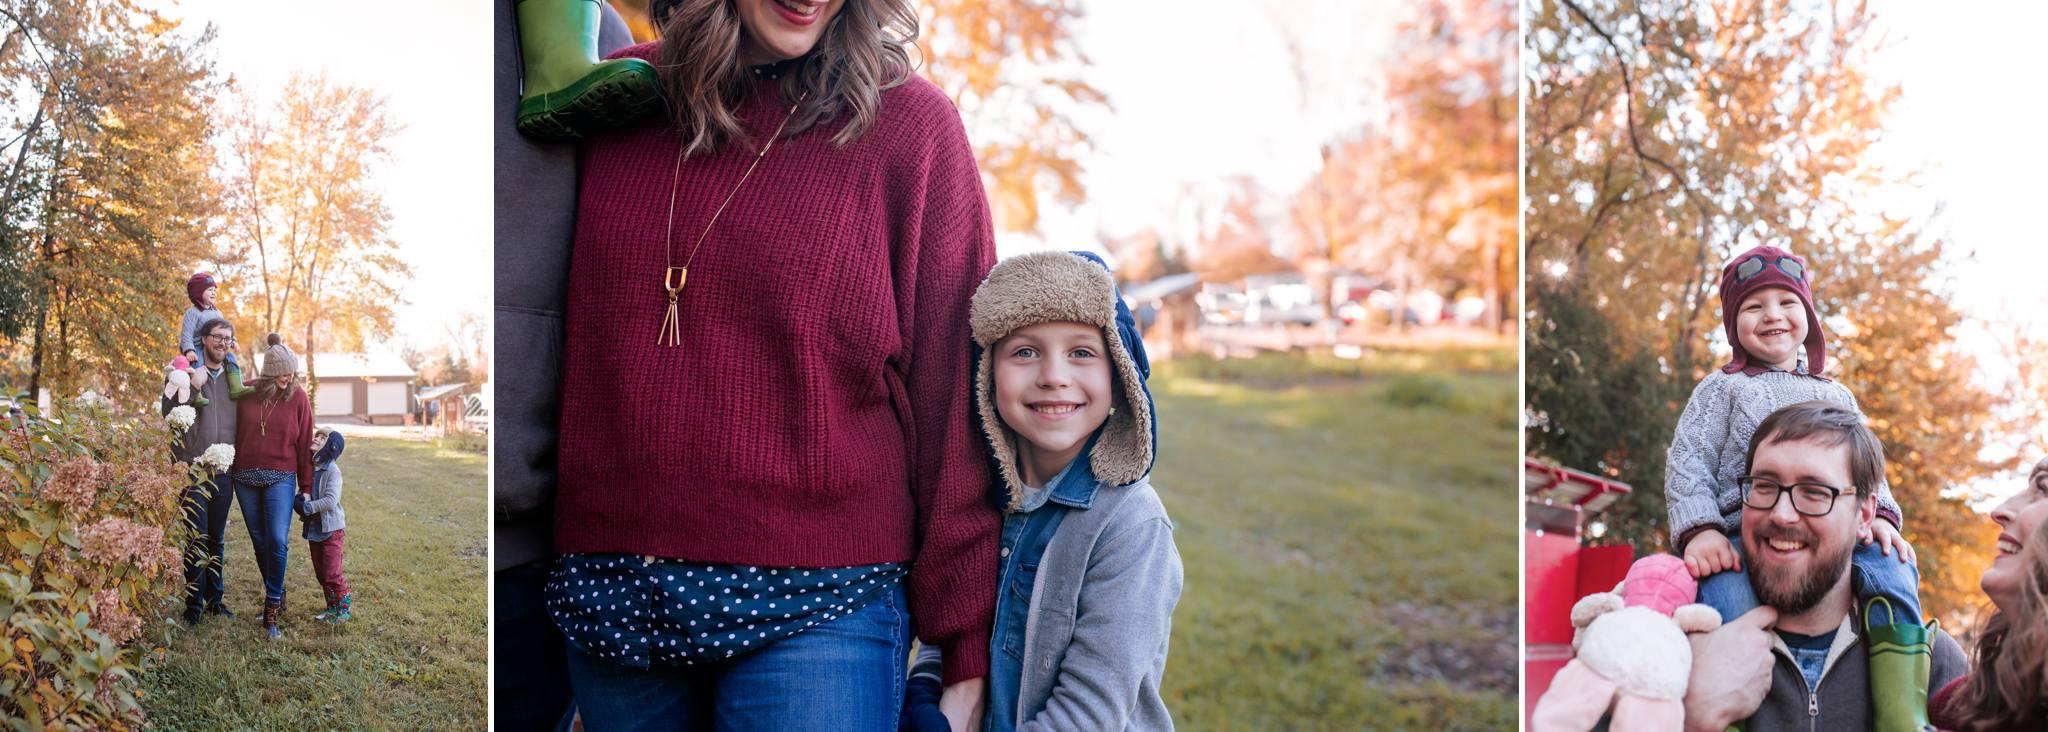 worthington-ohio-family-photography-3.jpg